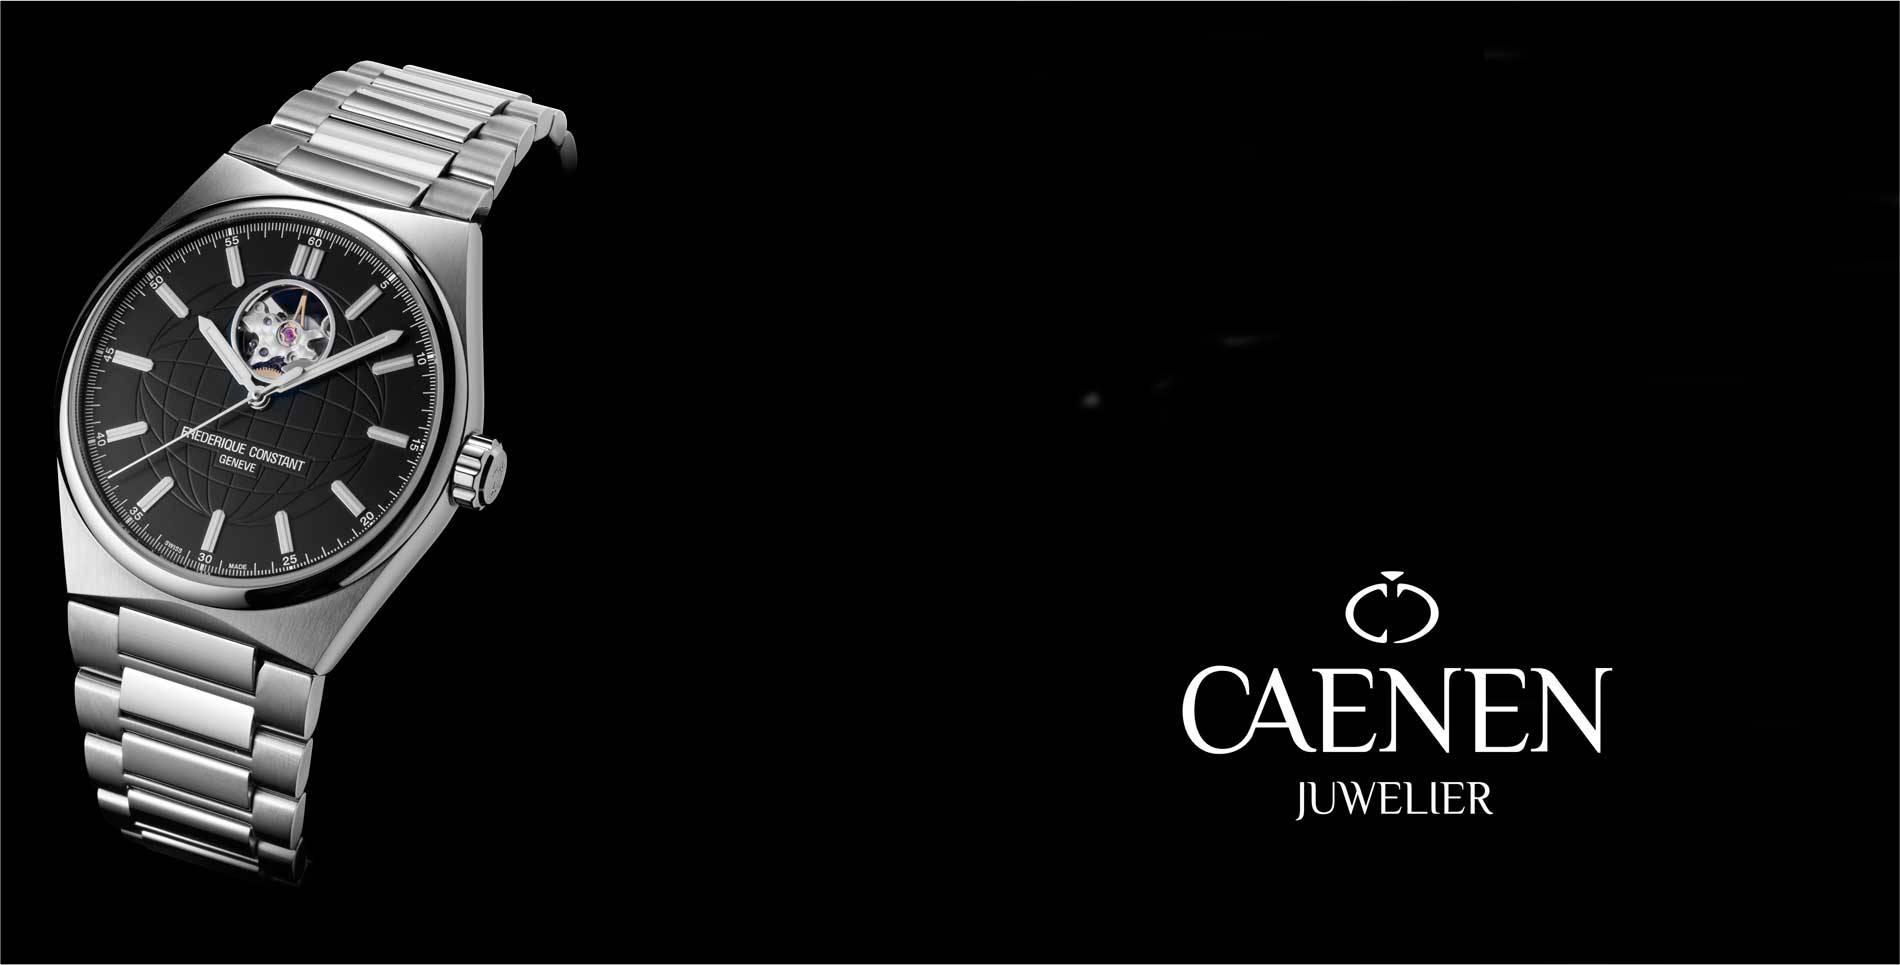 Juwelier Caenen